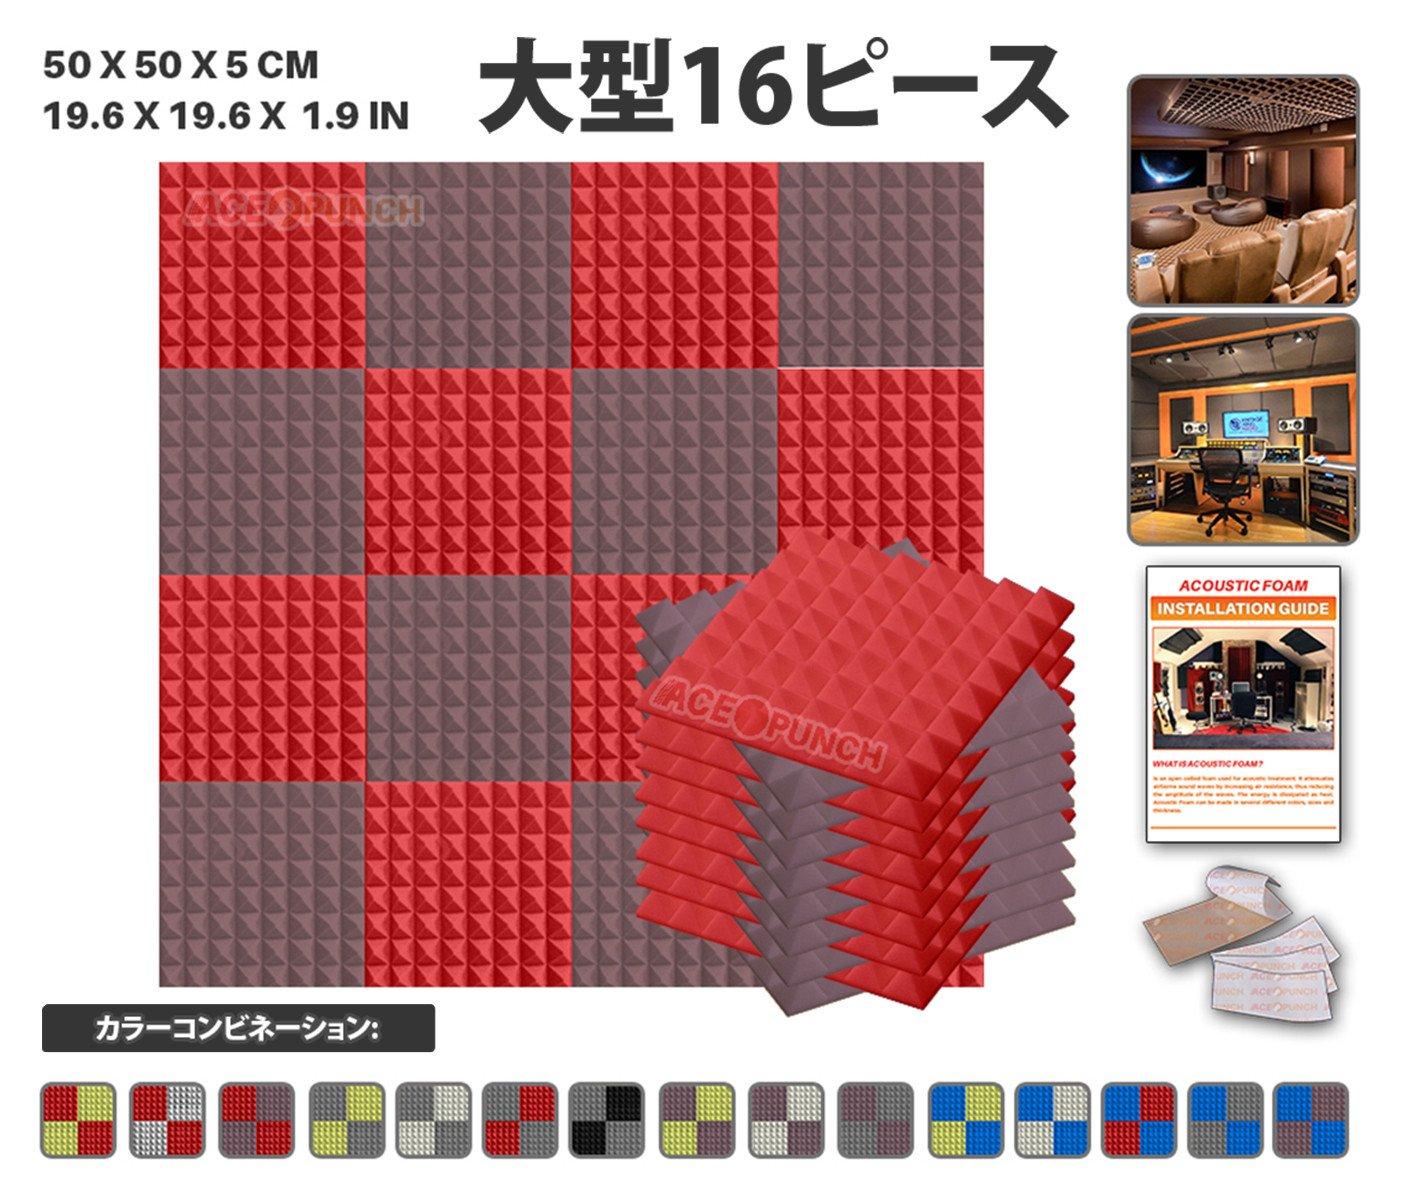 エースパンチ 新しい 16ピースセット赤とブルゴーニュ 500 x 500 x 50 mm ピラミッド 東京防音 ポリウレタン 吸音材 アコースティックフォーム AP1034 B01MY4GLA6 赤とブルゴーニュ 赤とブルゴーニュ